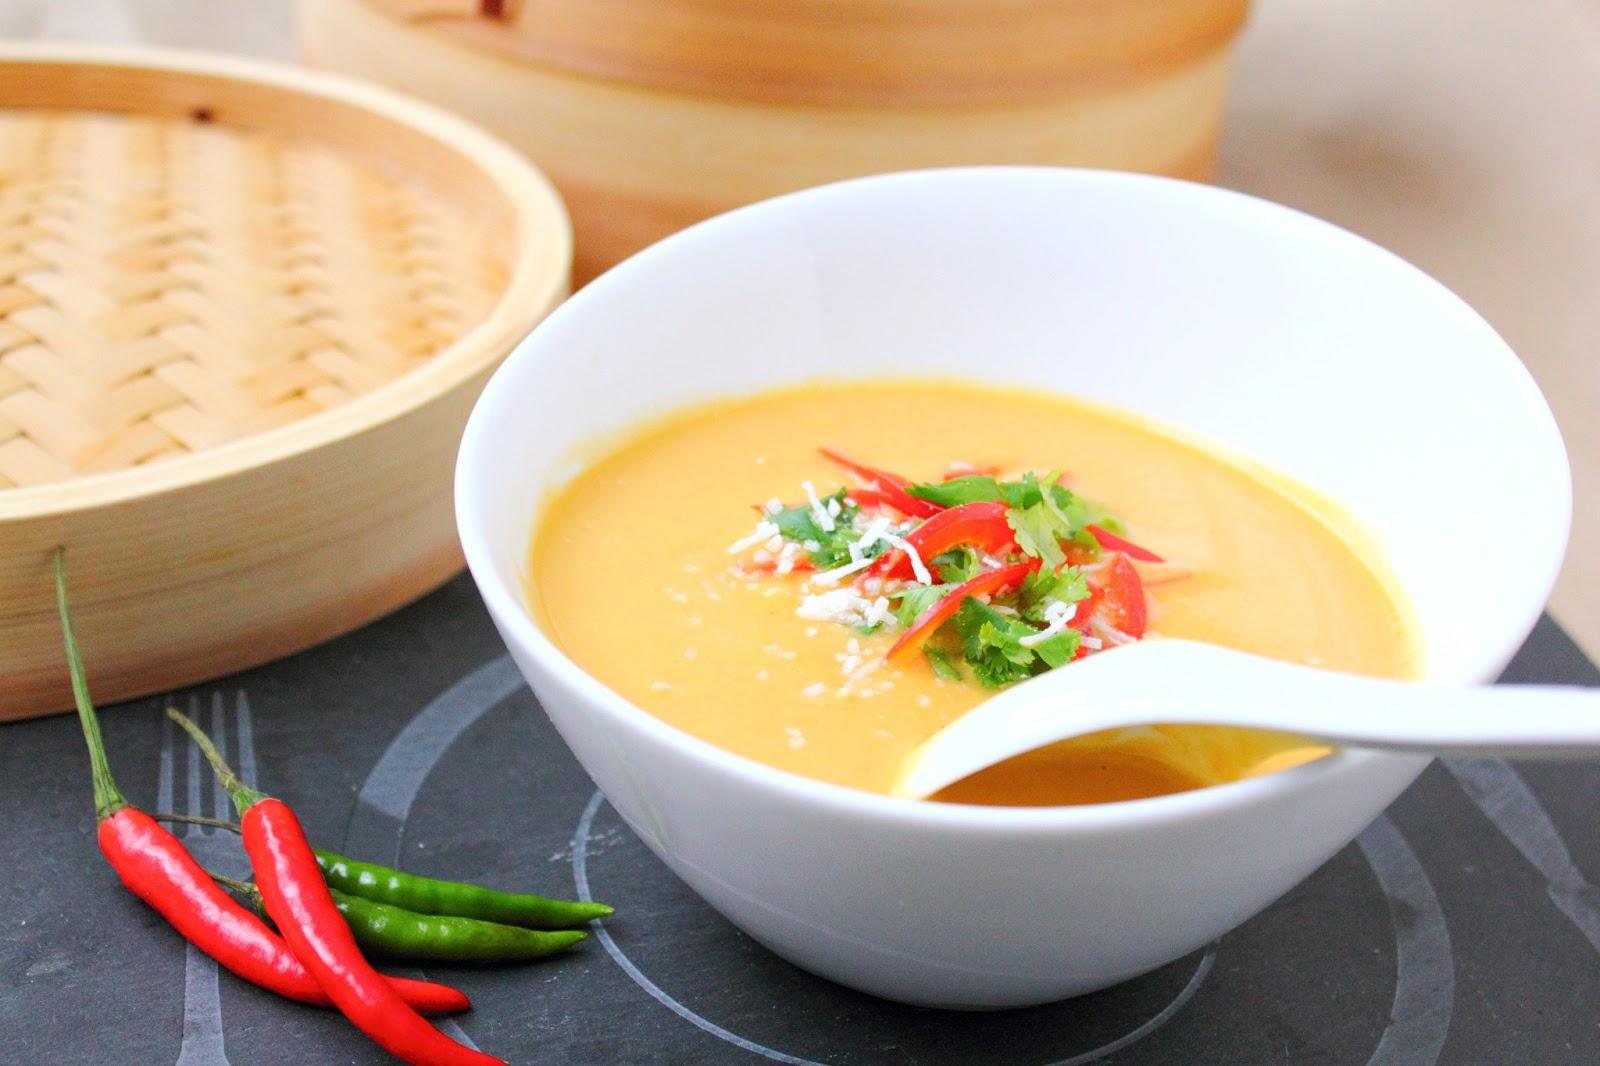 Le march de sophie soupe tha courge curry et lait de coco mijoteuse - Soupe potiron lait de coco curry ...